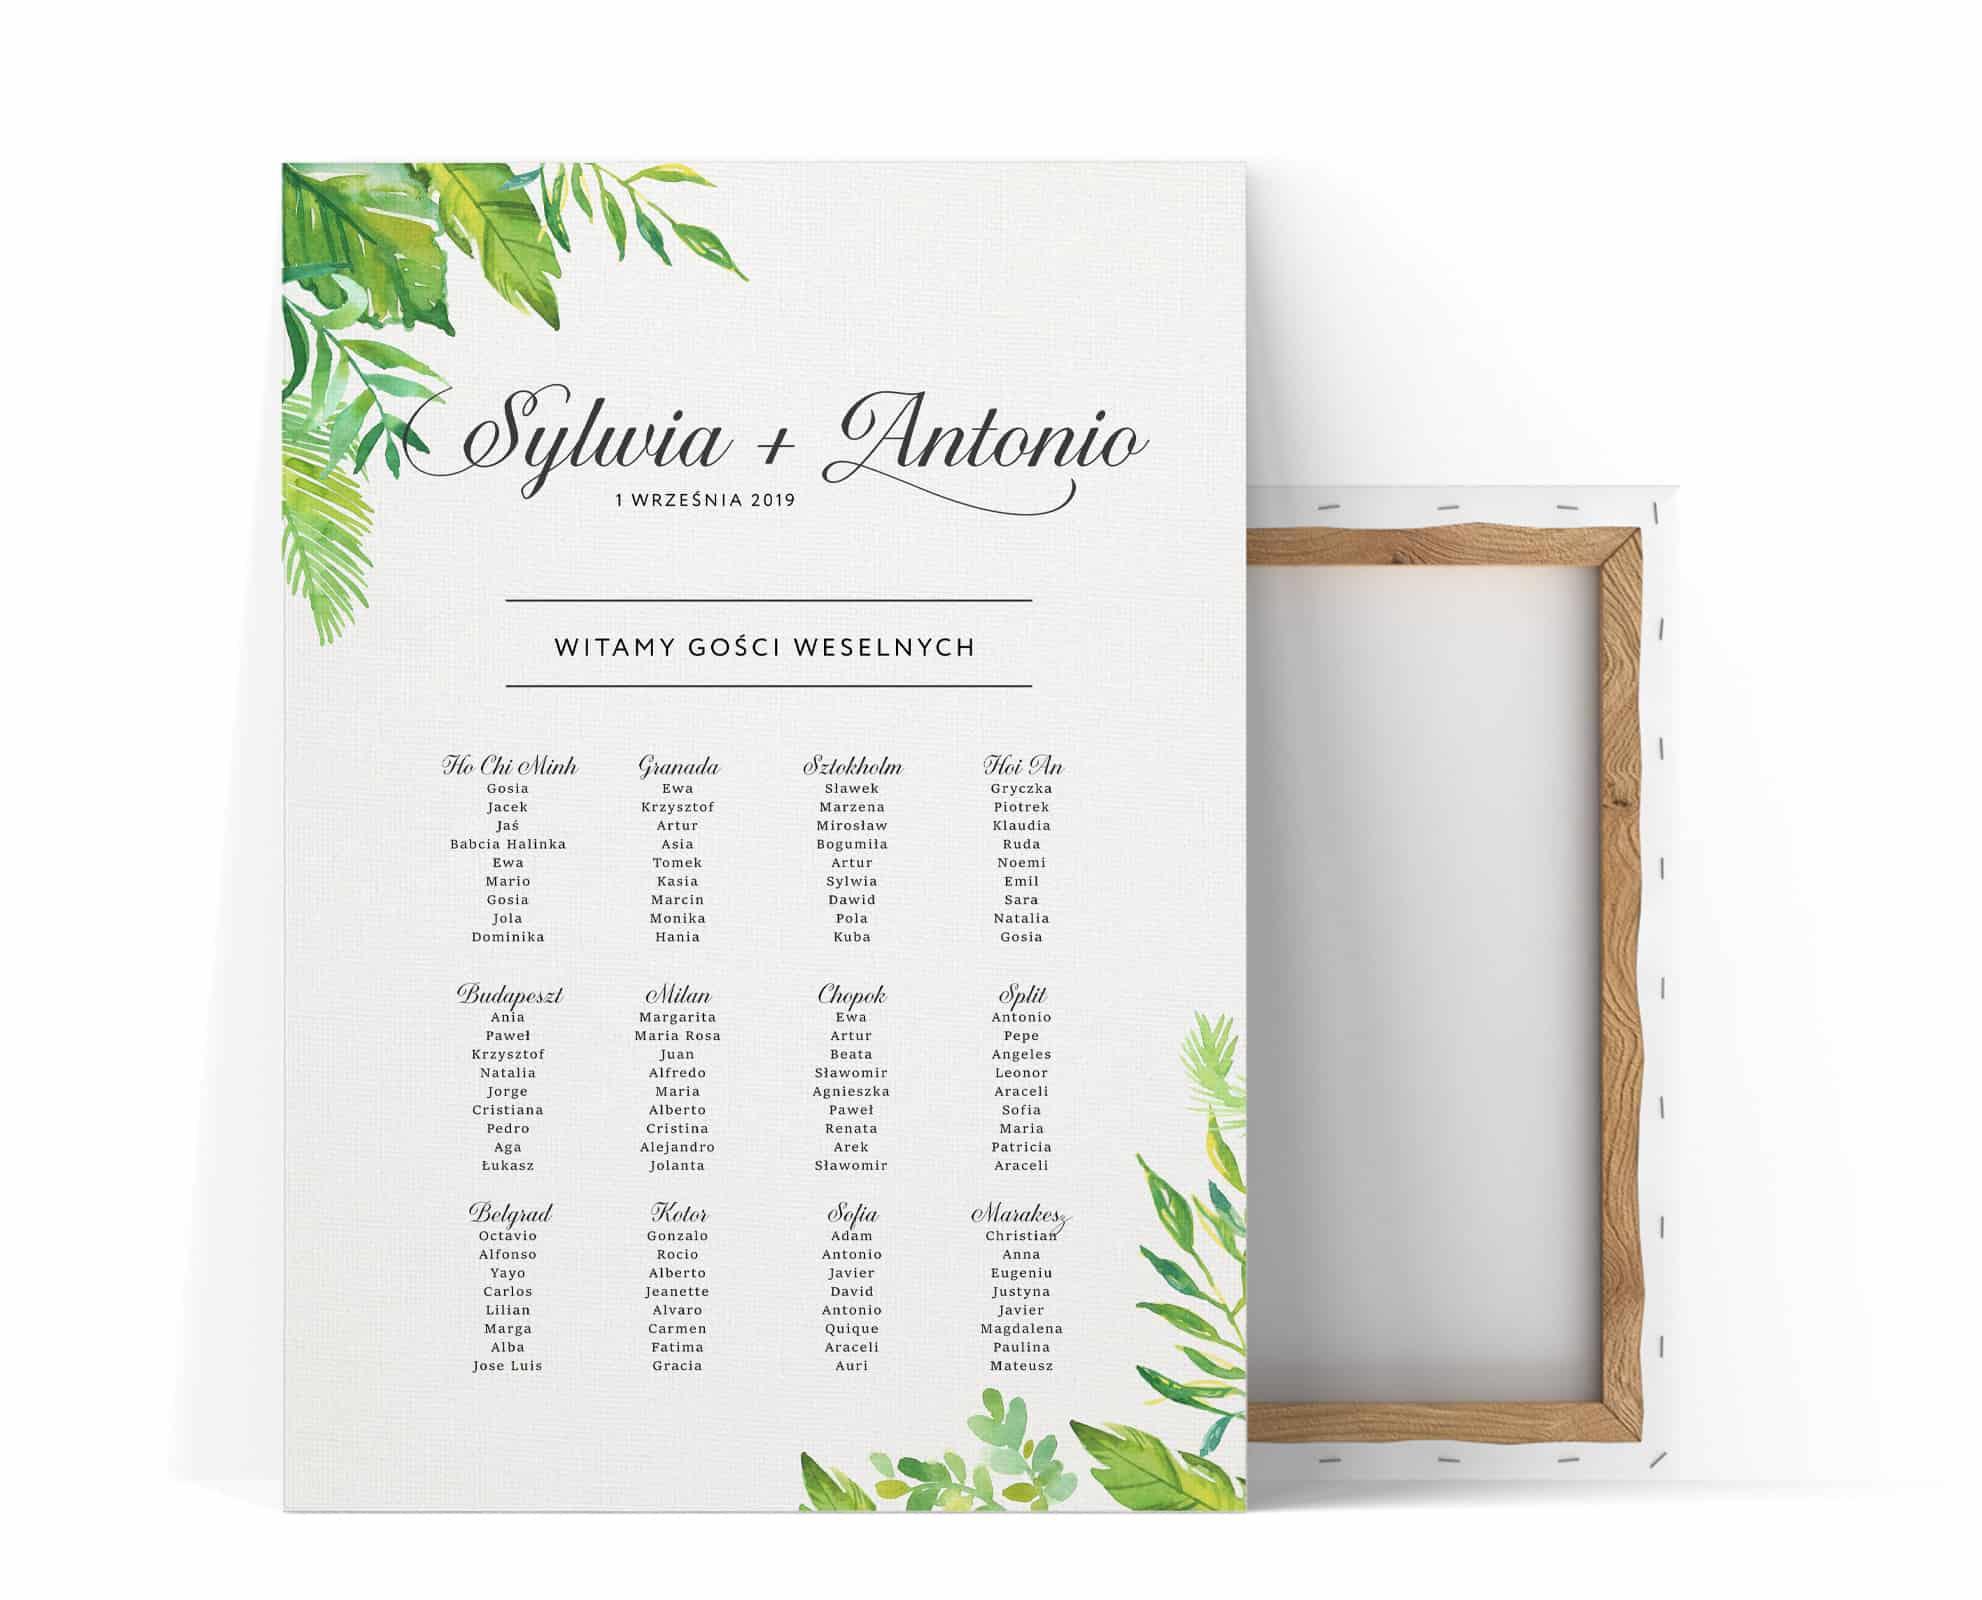 Plan usadzenia gości weselnych z dużymi zielonymi liściami w rogach